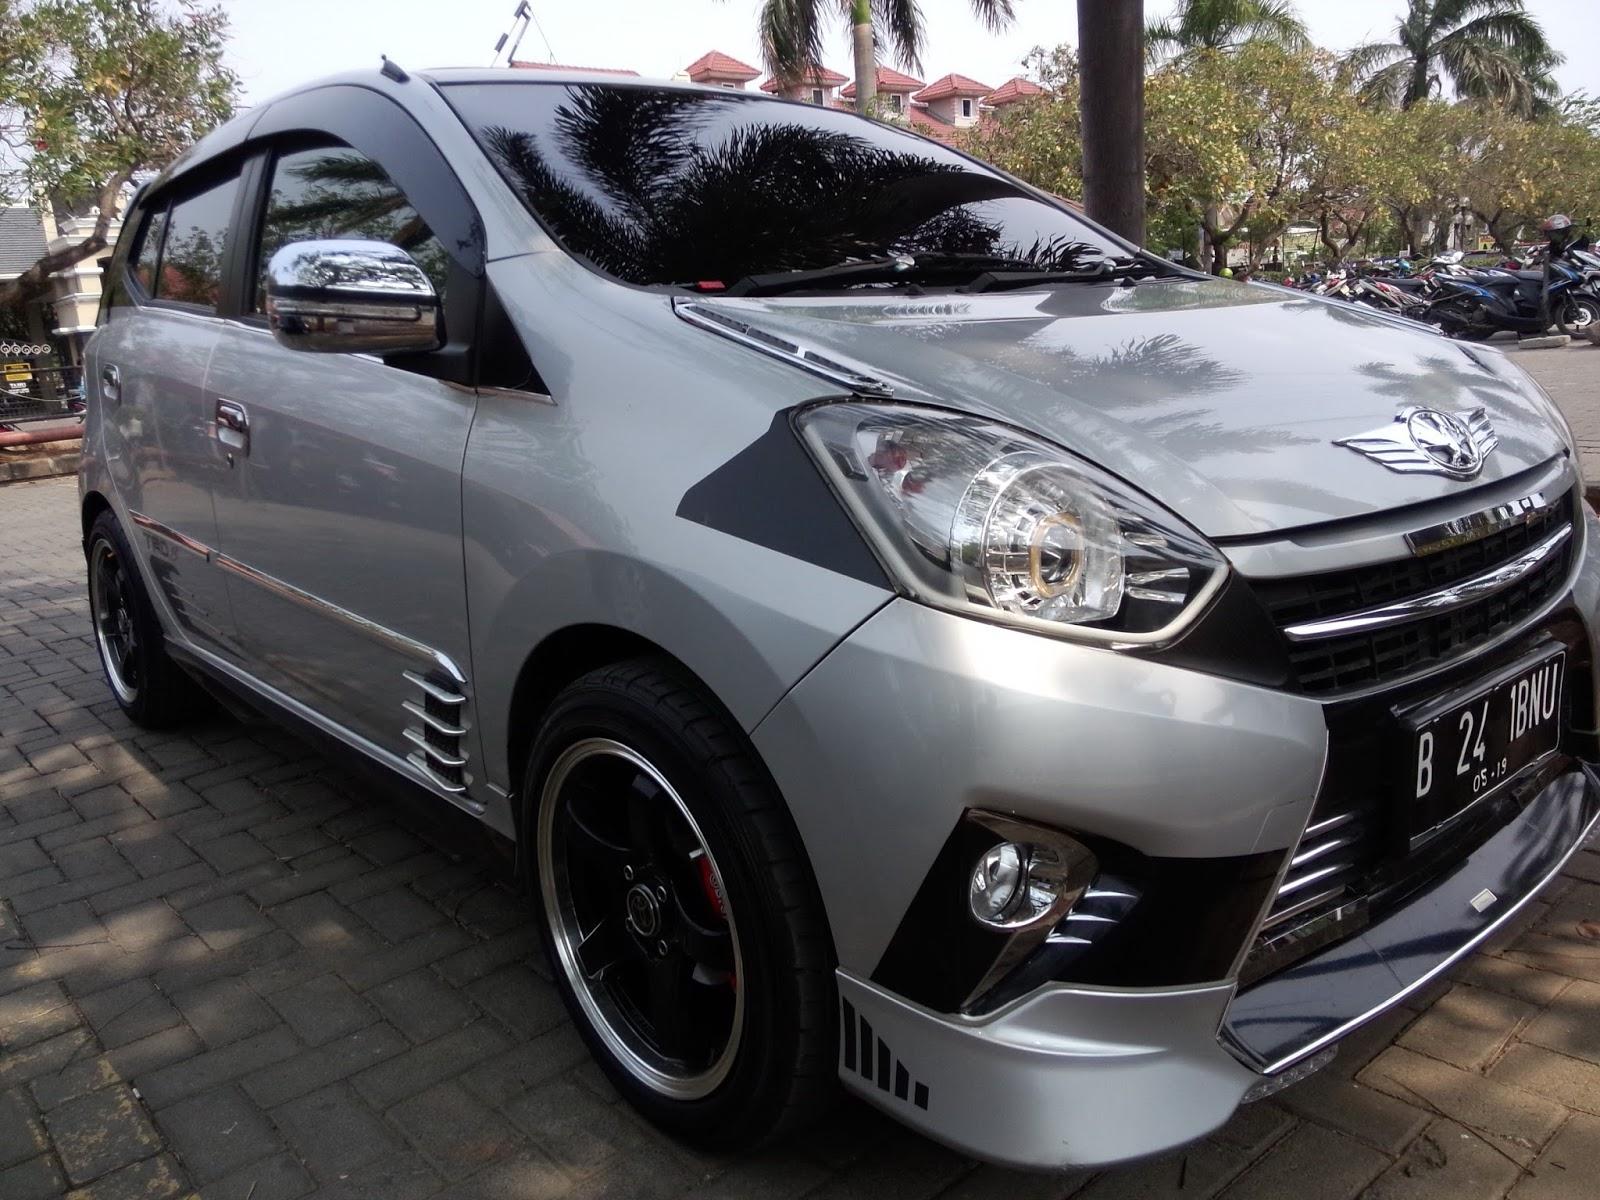 new agya trd silver velg grand avanza 2015 modifikasi mobil terbaru s g e ayla bagian dalam